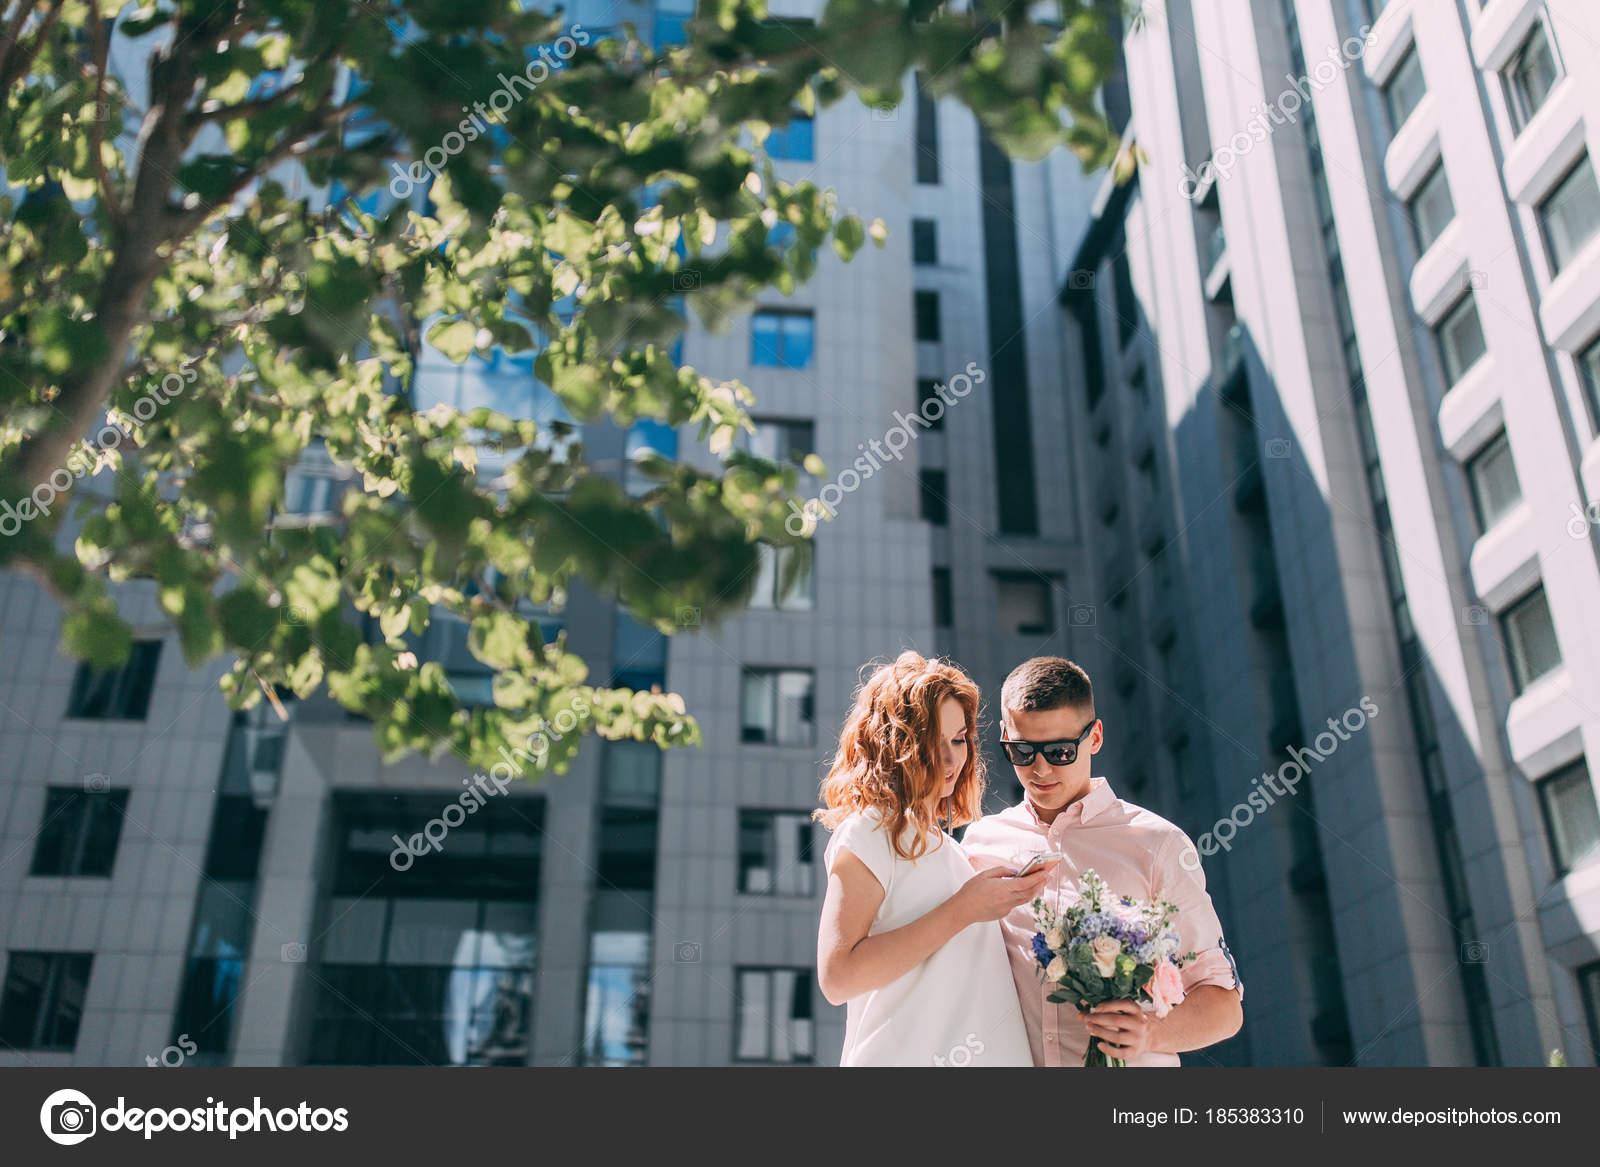 rencontre un couple marié riche Sugar Daddy rencontres en ligne